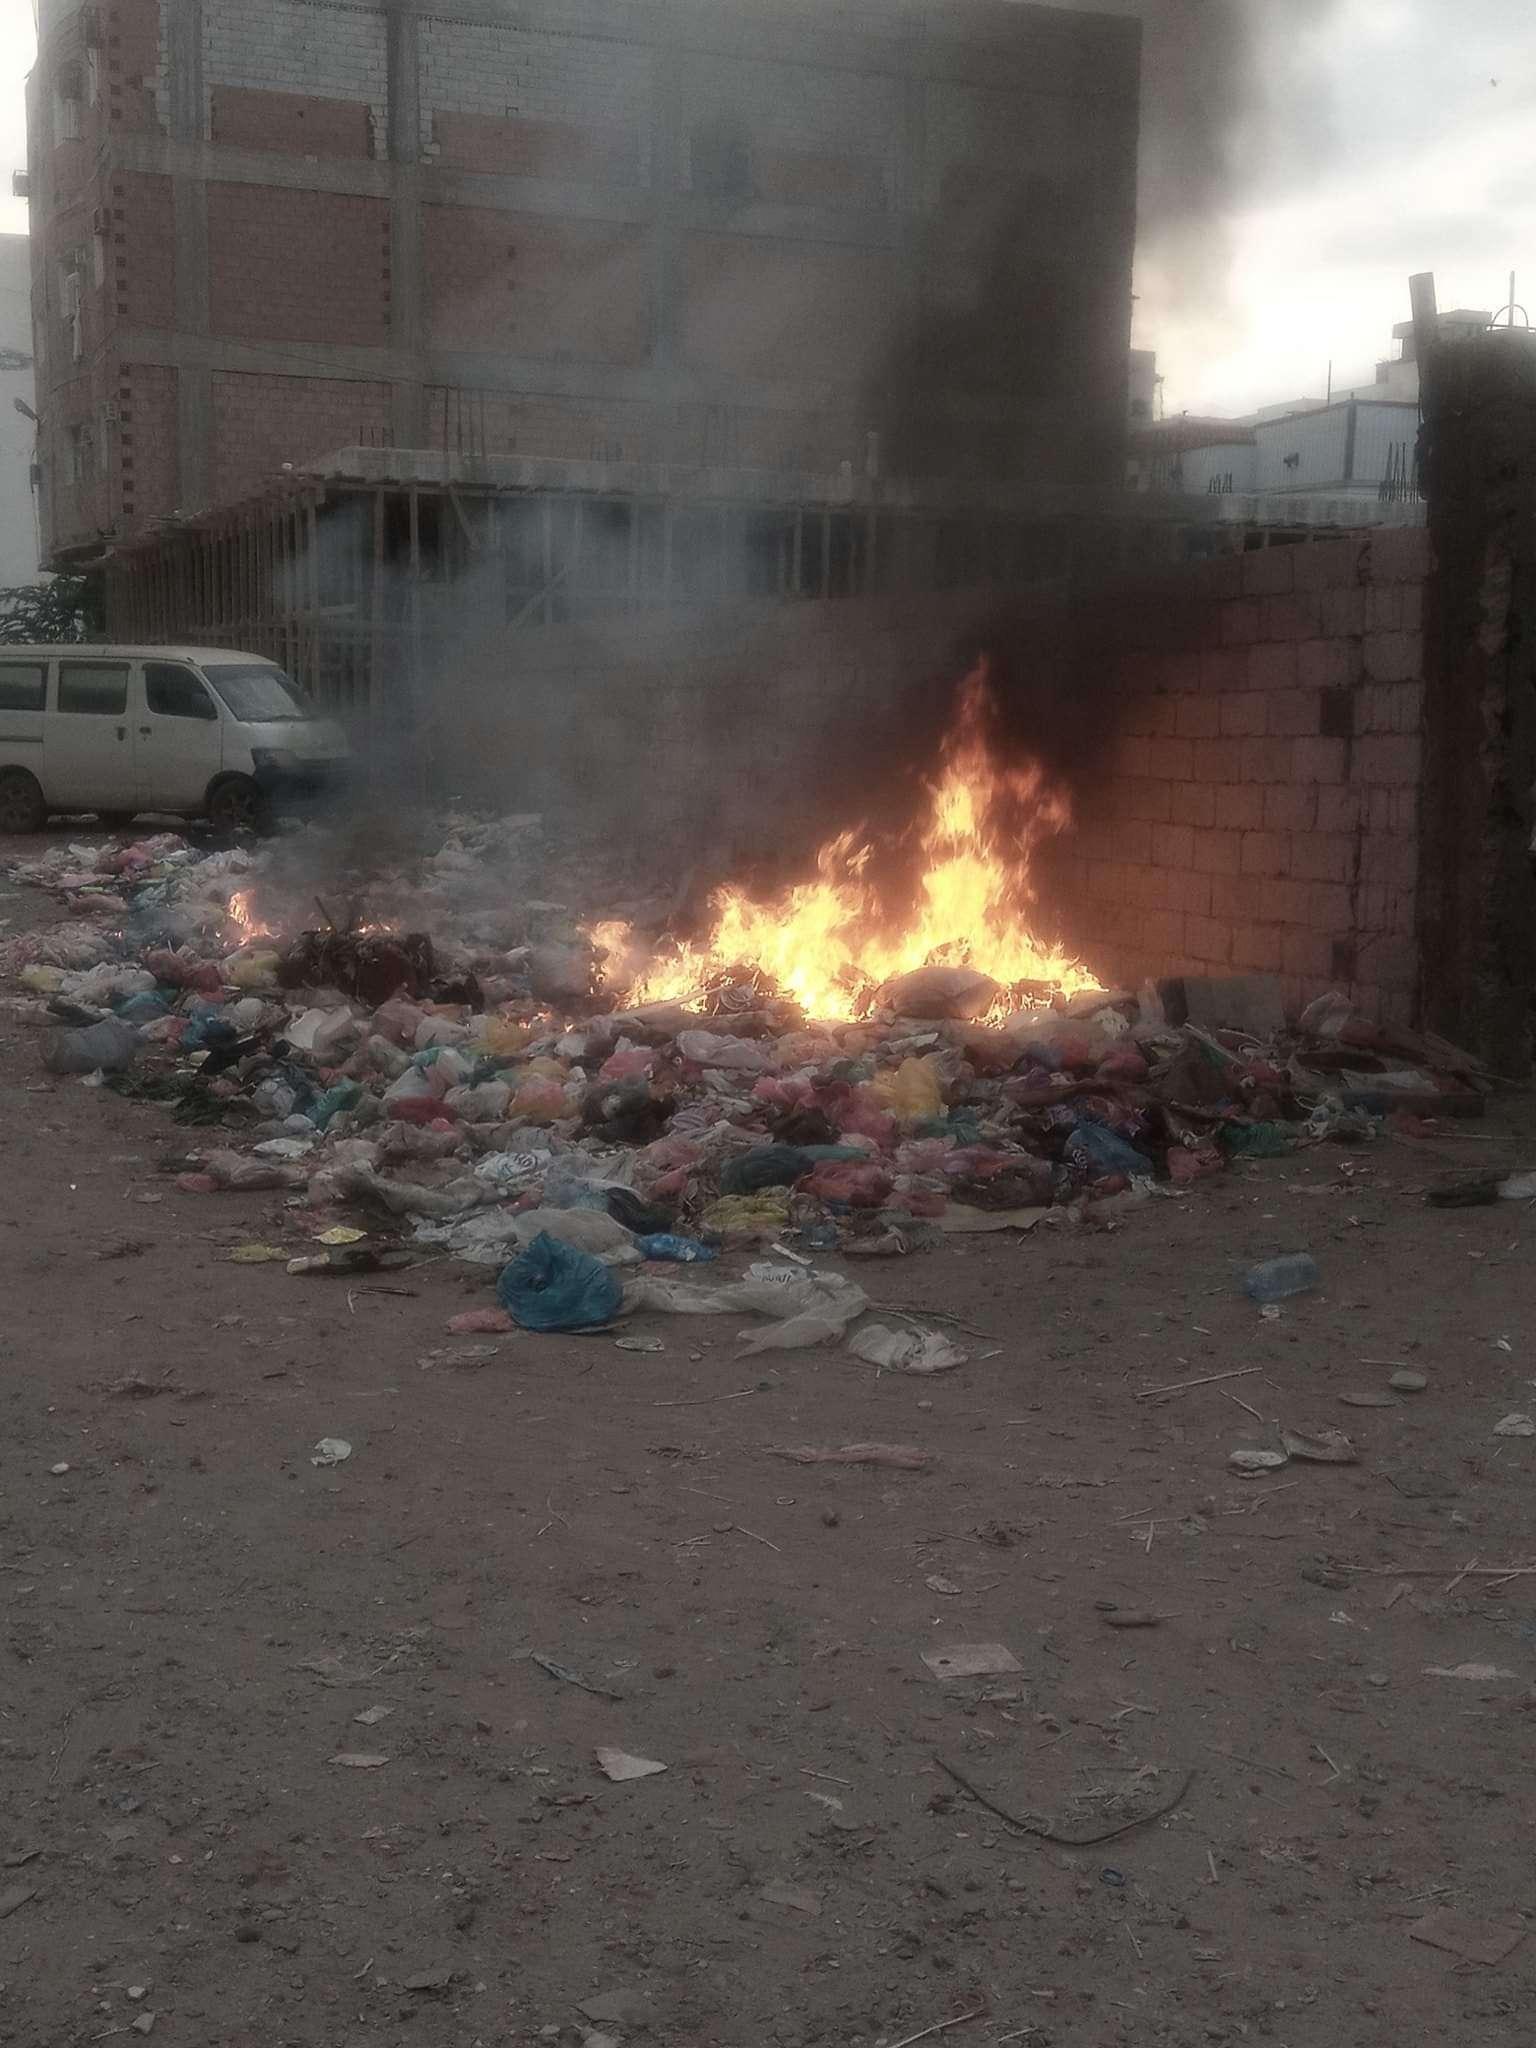 بسبب تقاعس المسؤولين.. مواطنون يحرقون القمامة في عدن